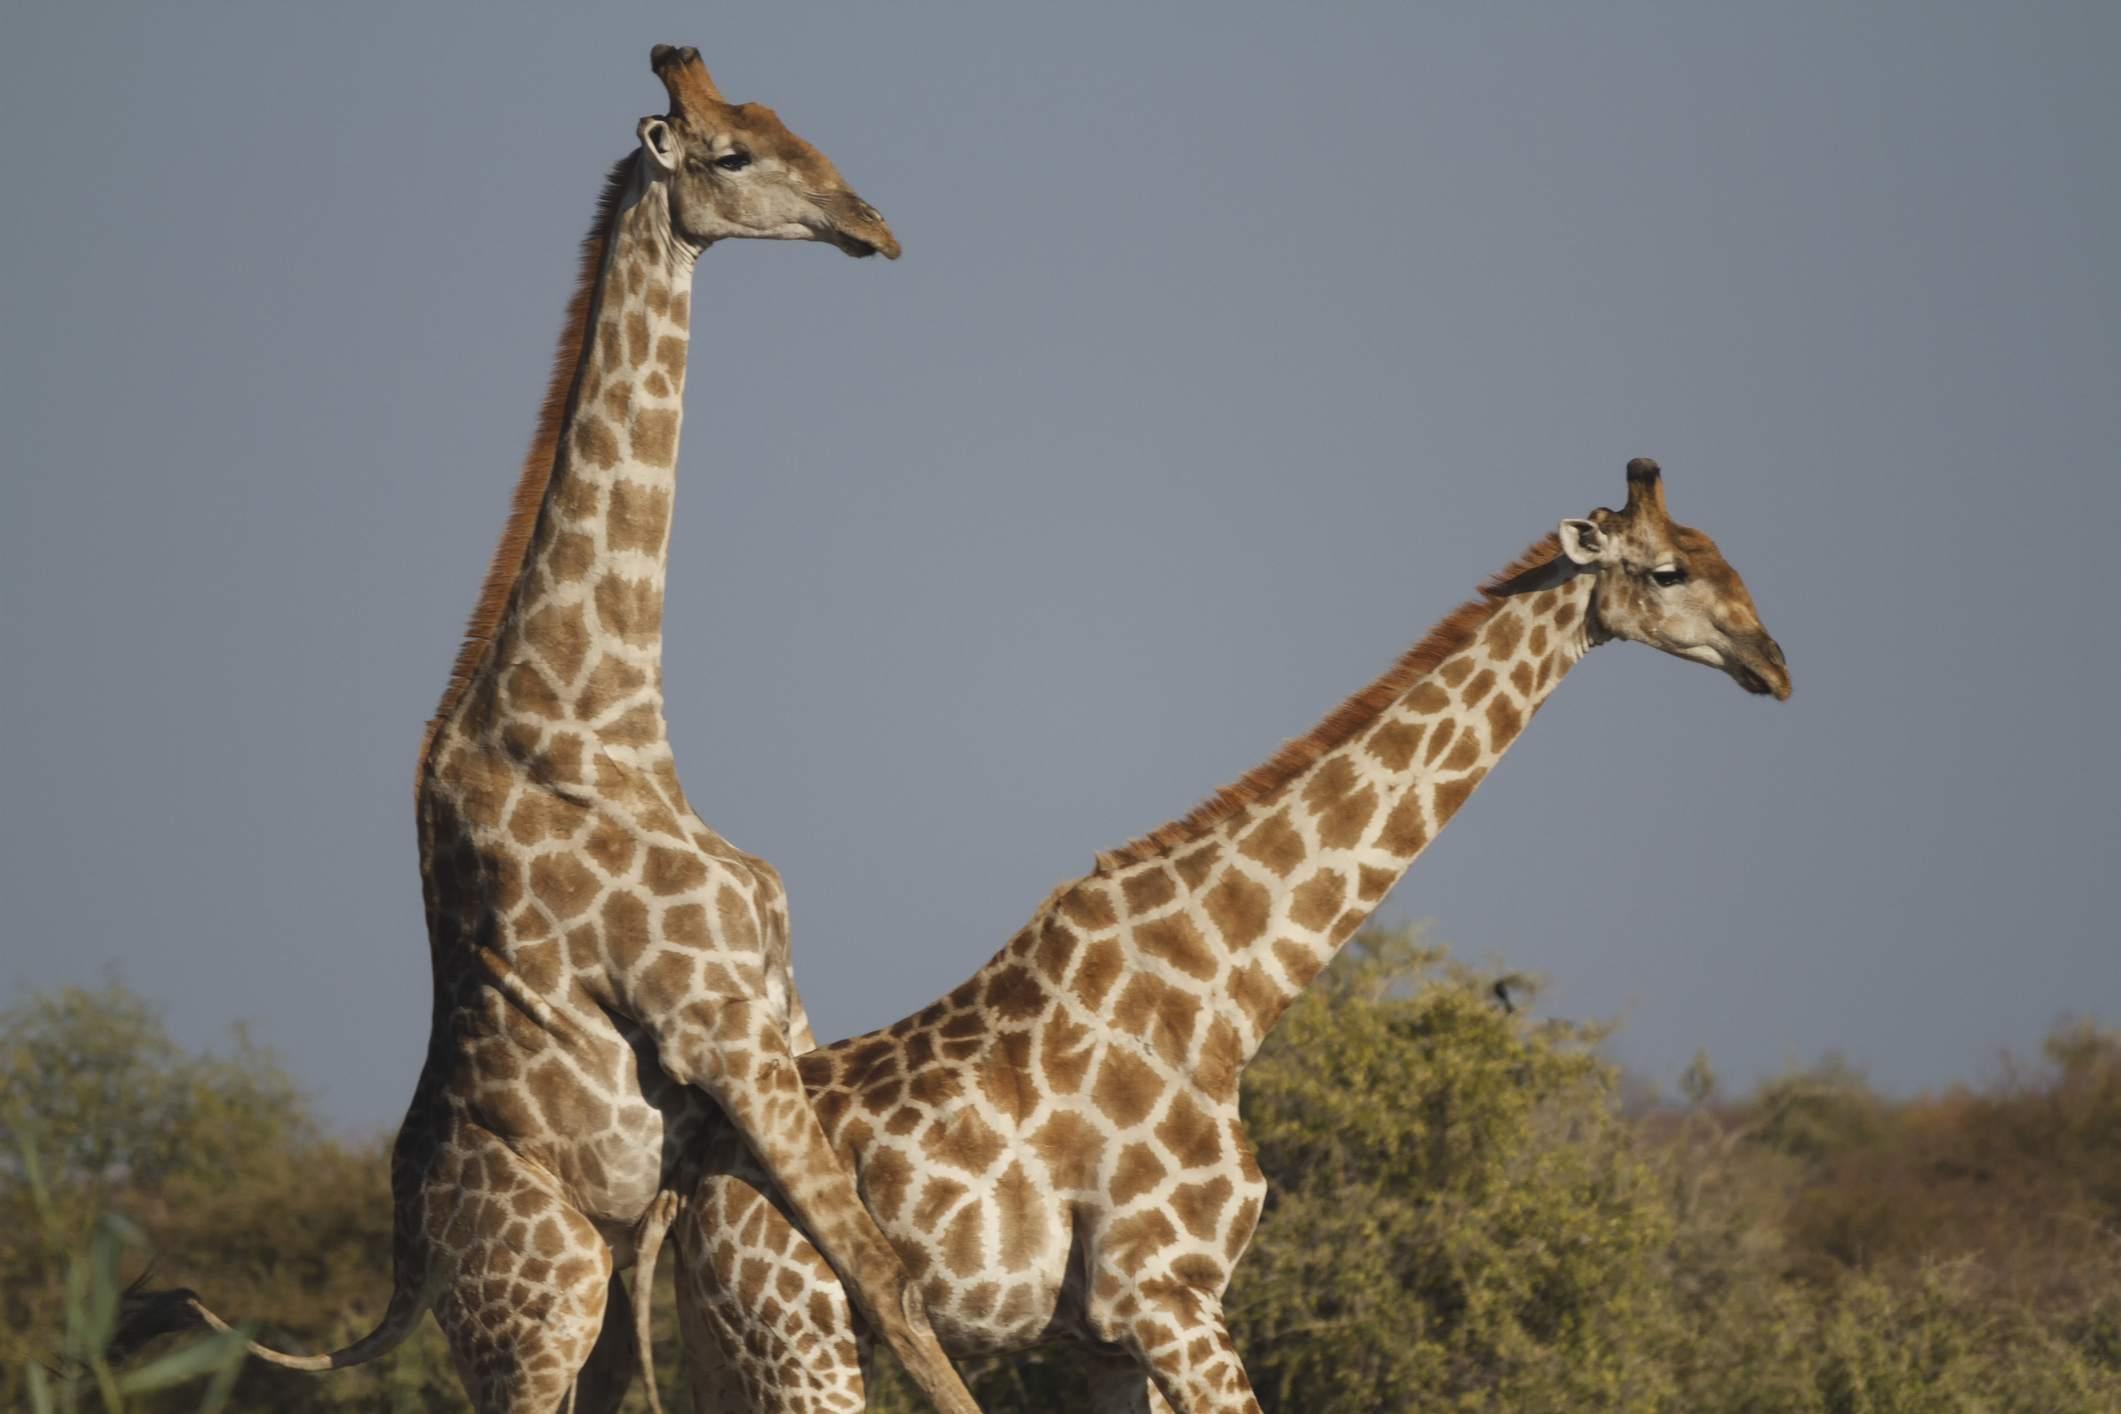 Good Wallpaper Hd 10 Fun Facts About Giraffes